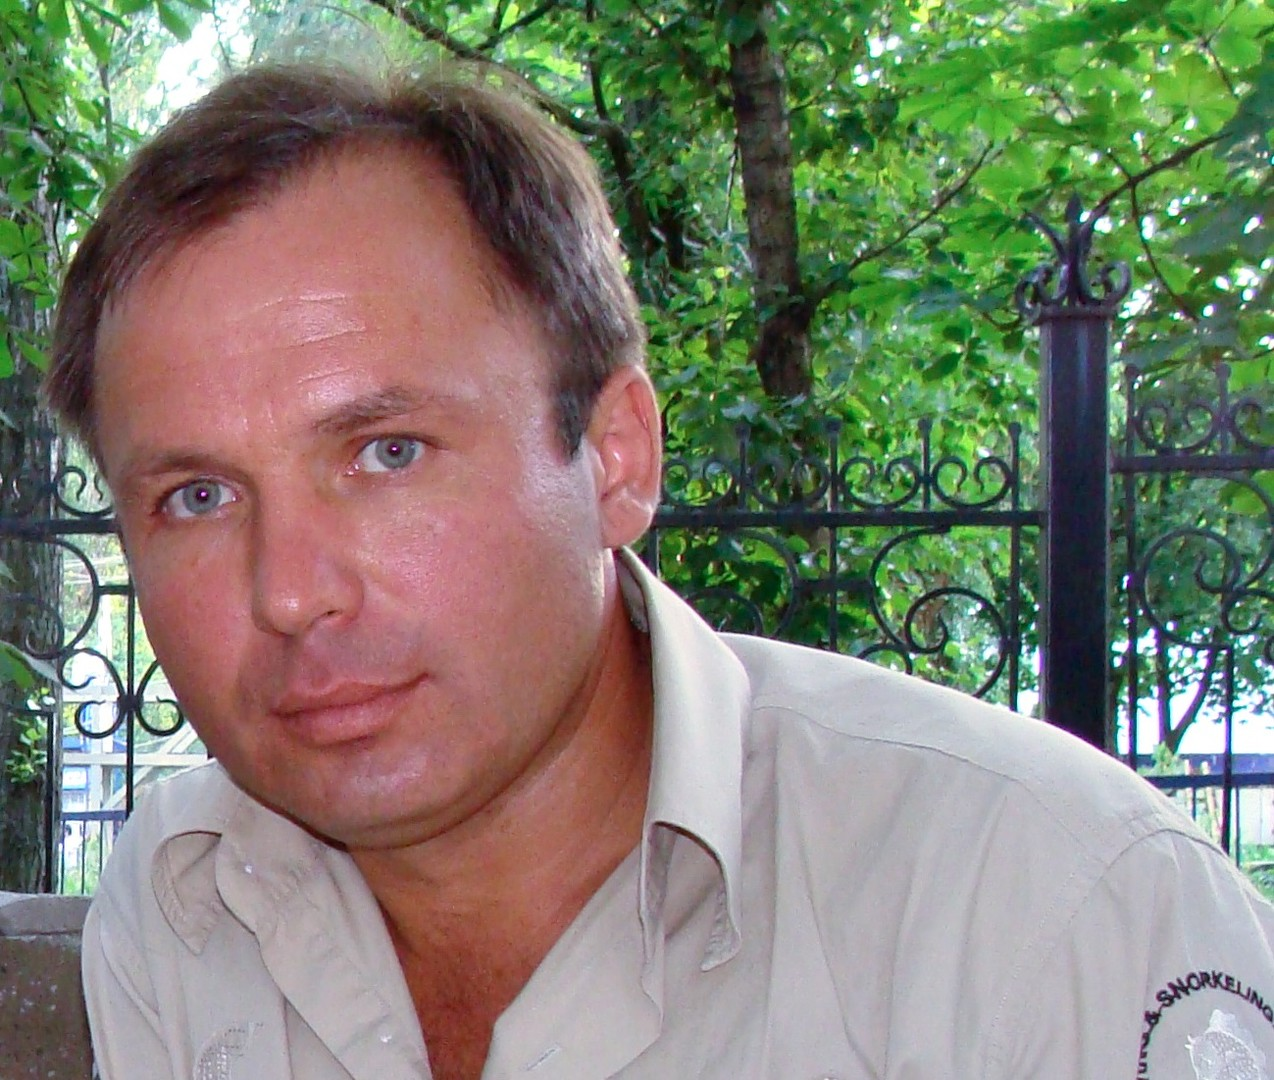 Konstantin Jaroschenko